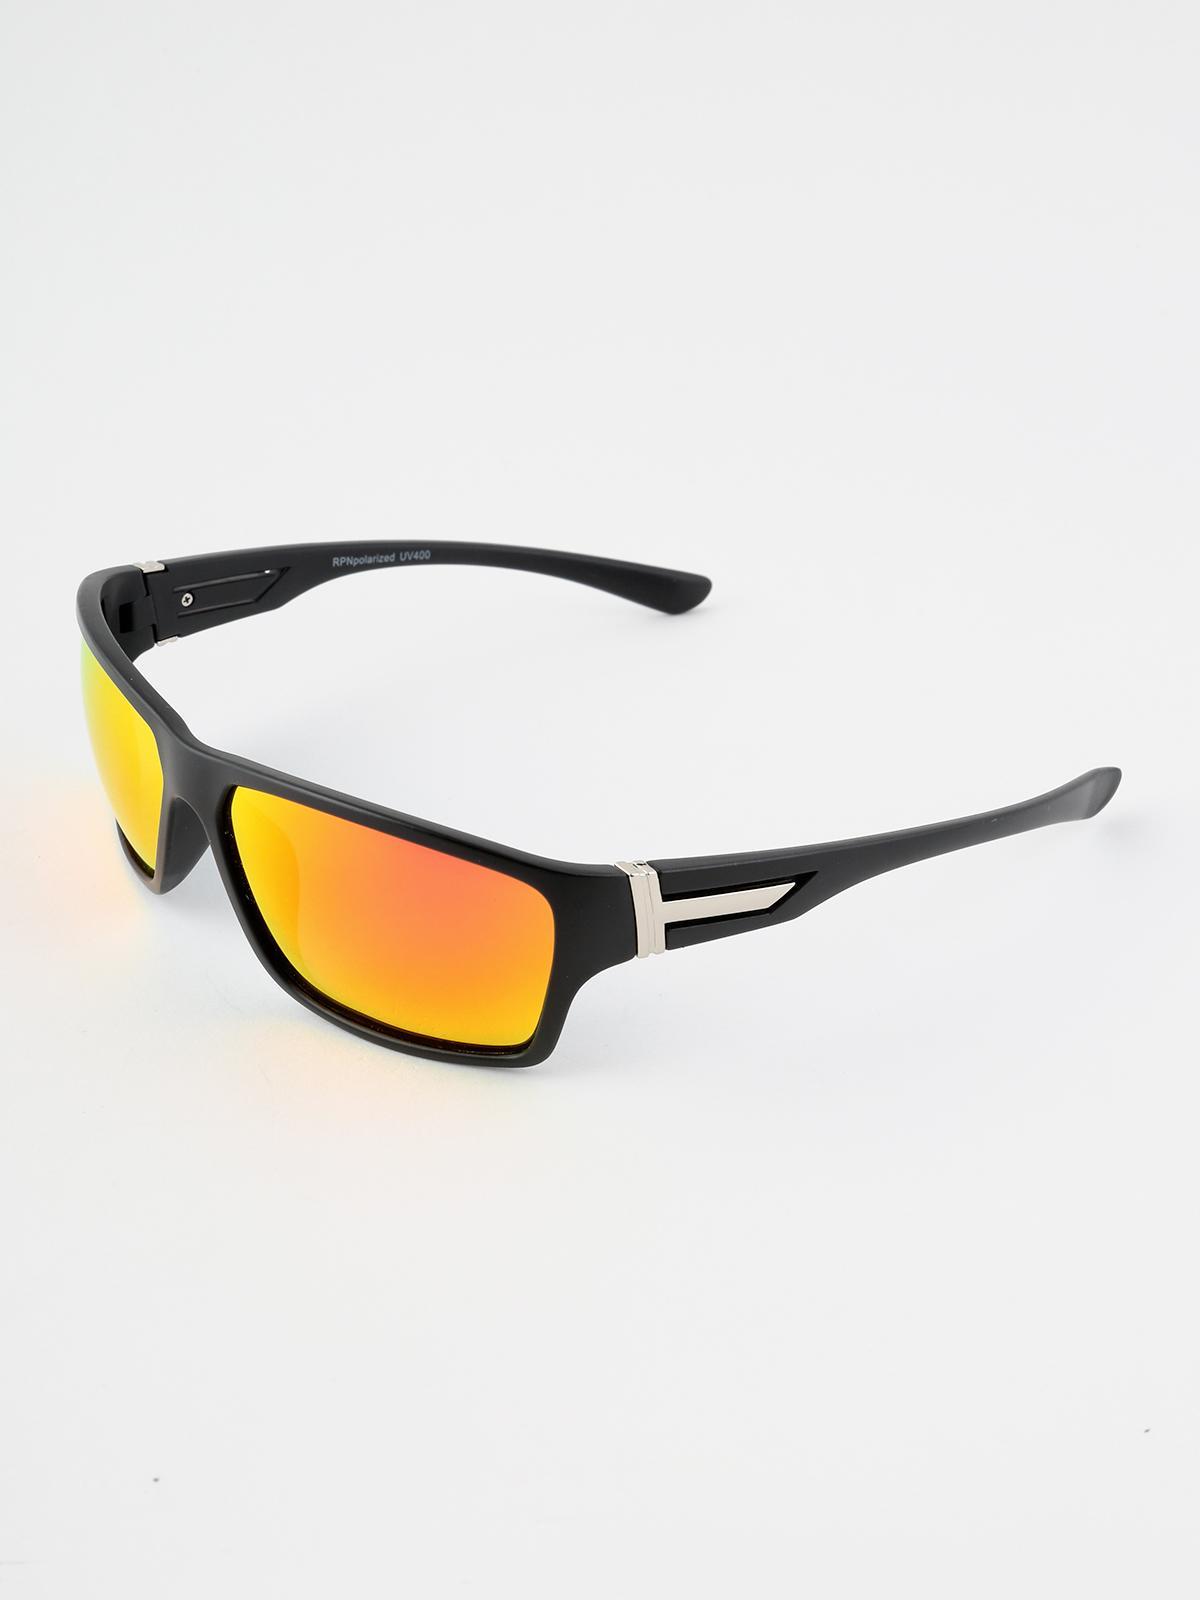 design senza tempo 34189 bcbf0 Occhiali da sole con lenti polarizzate rpn | MecShopping